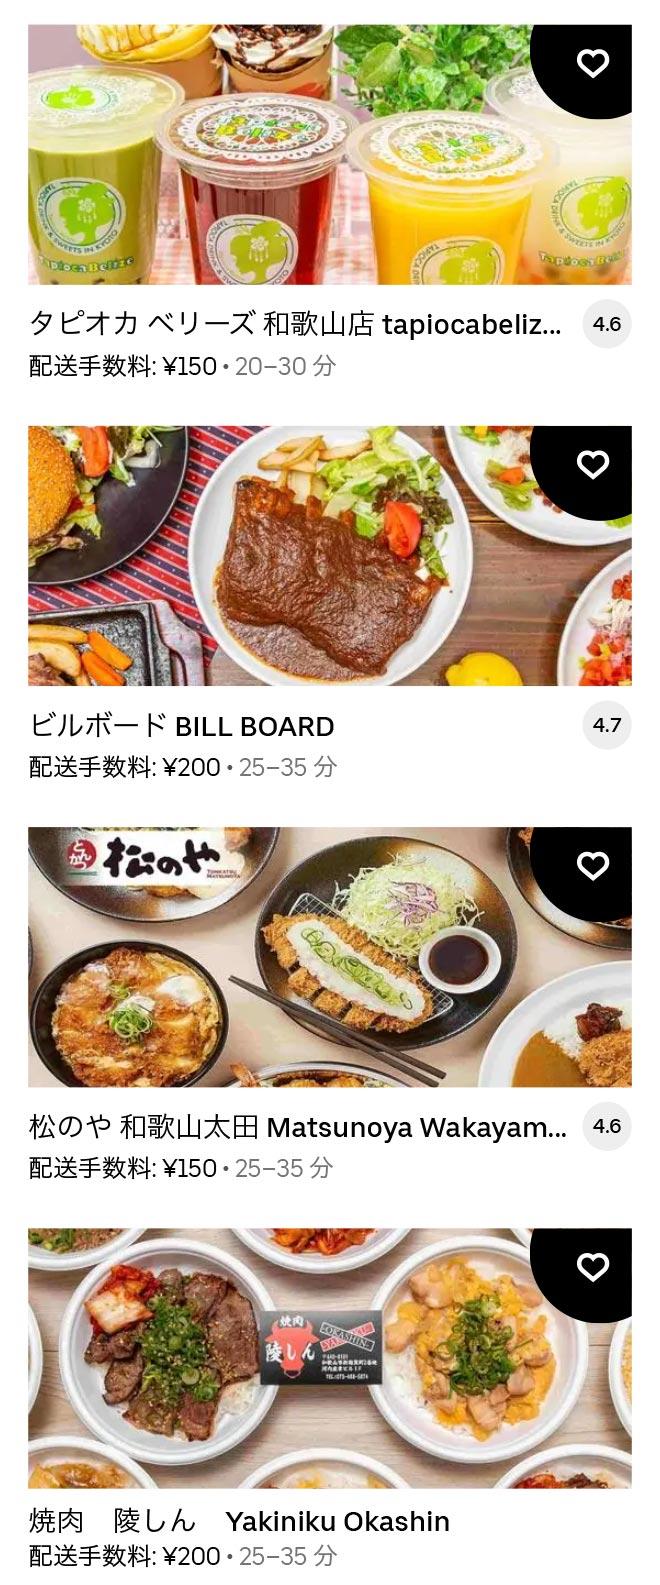 U miyamae menu 2104 04